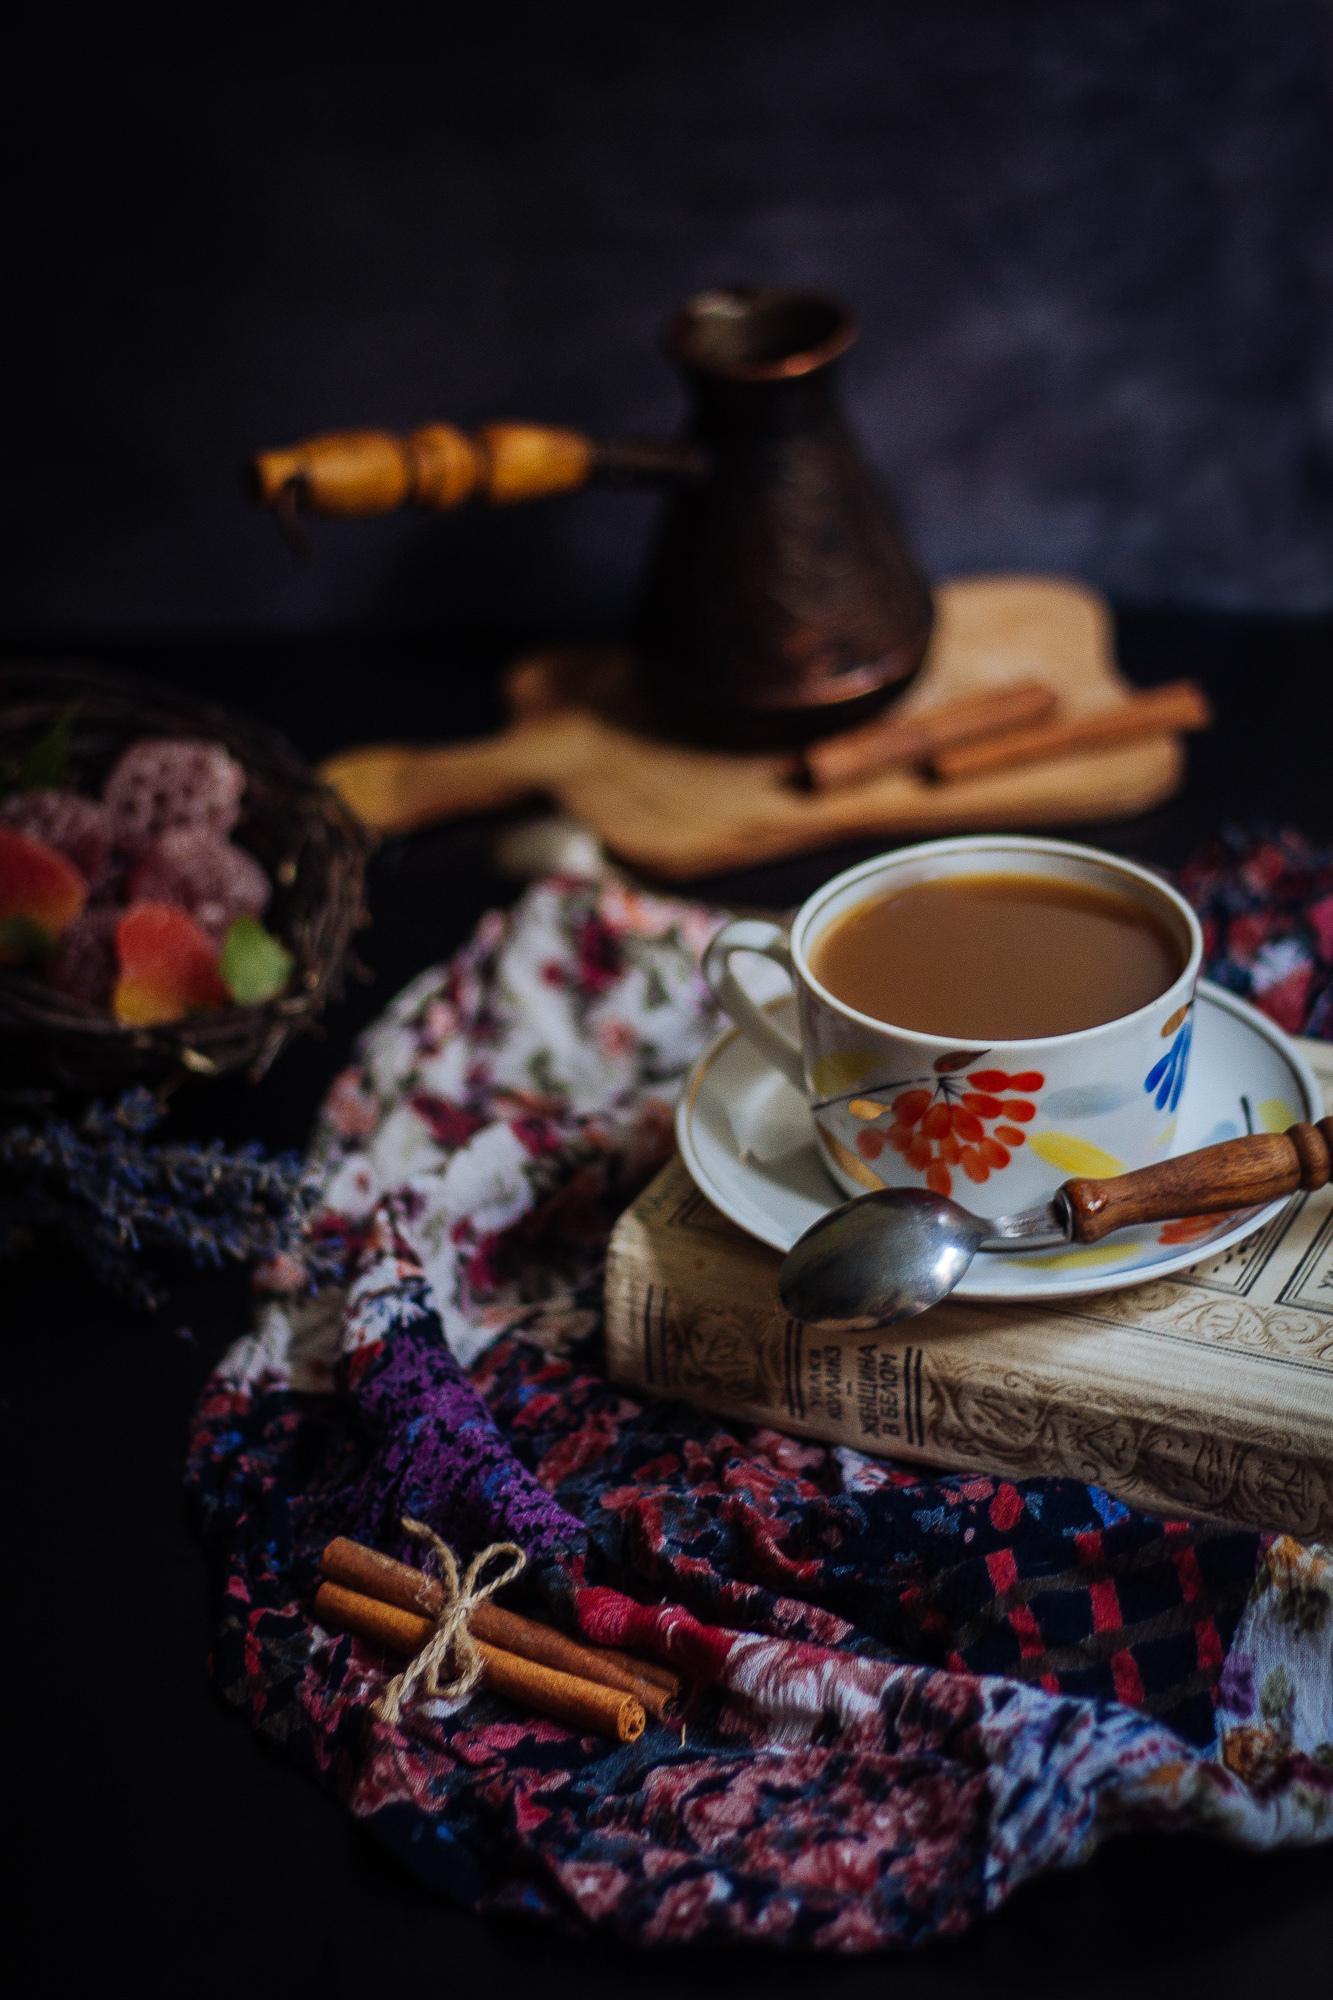 собой красивые картинки вечер и кофе декора, его